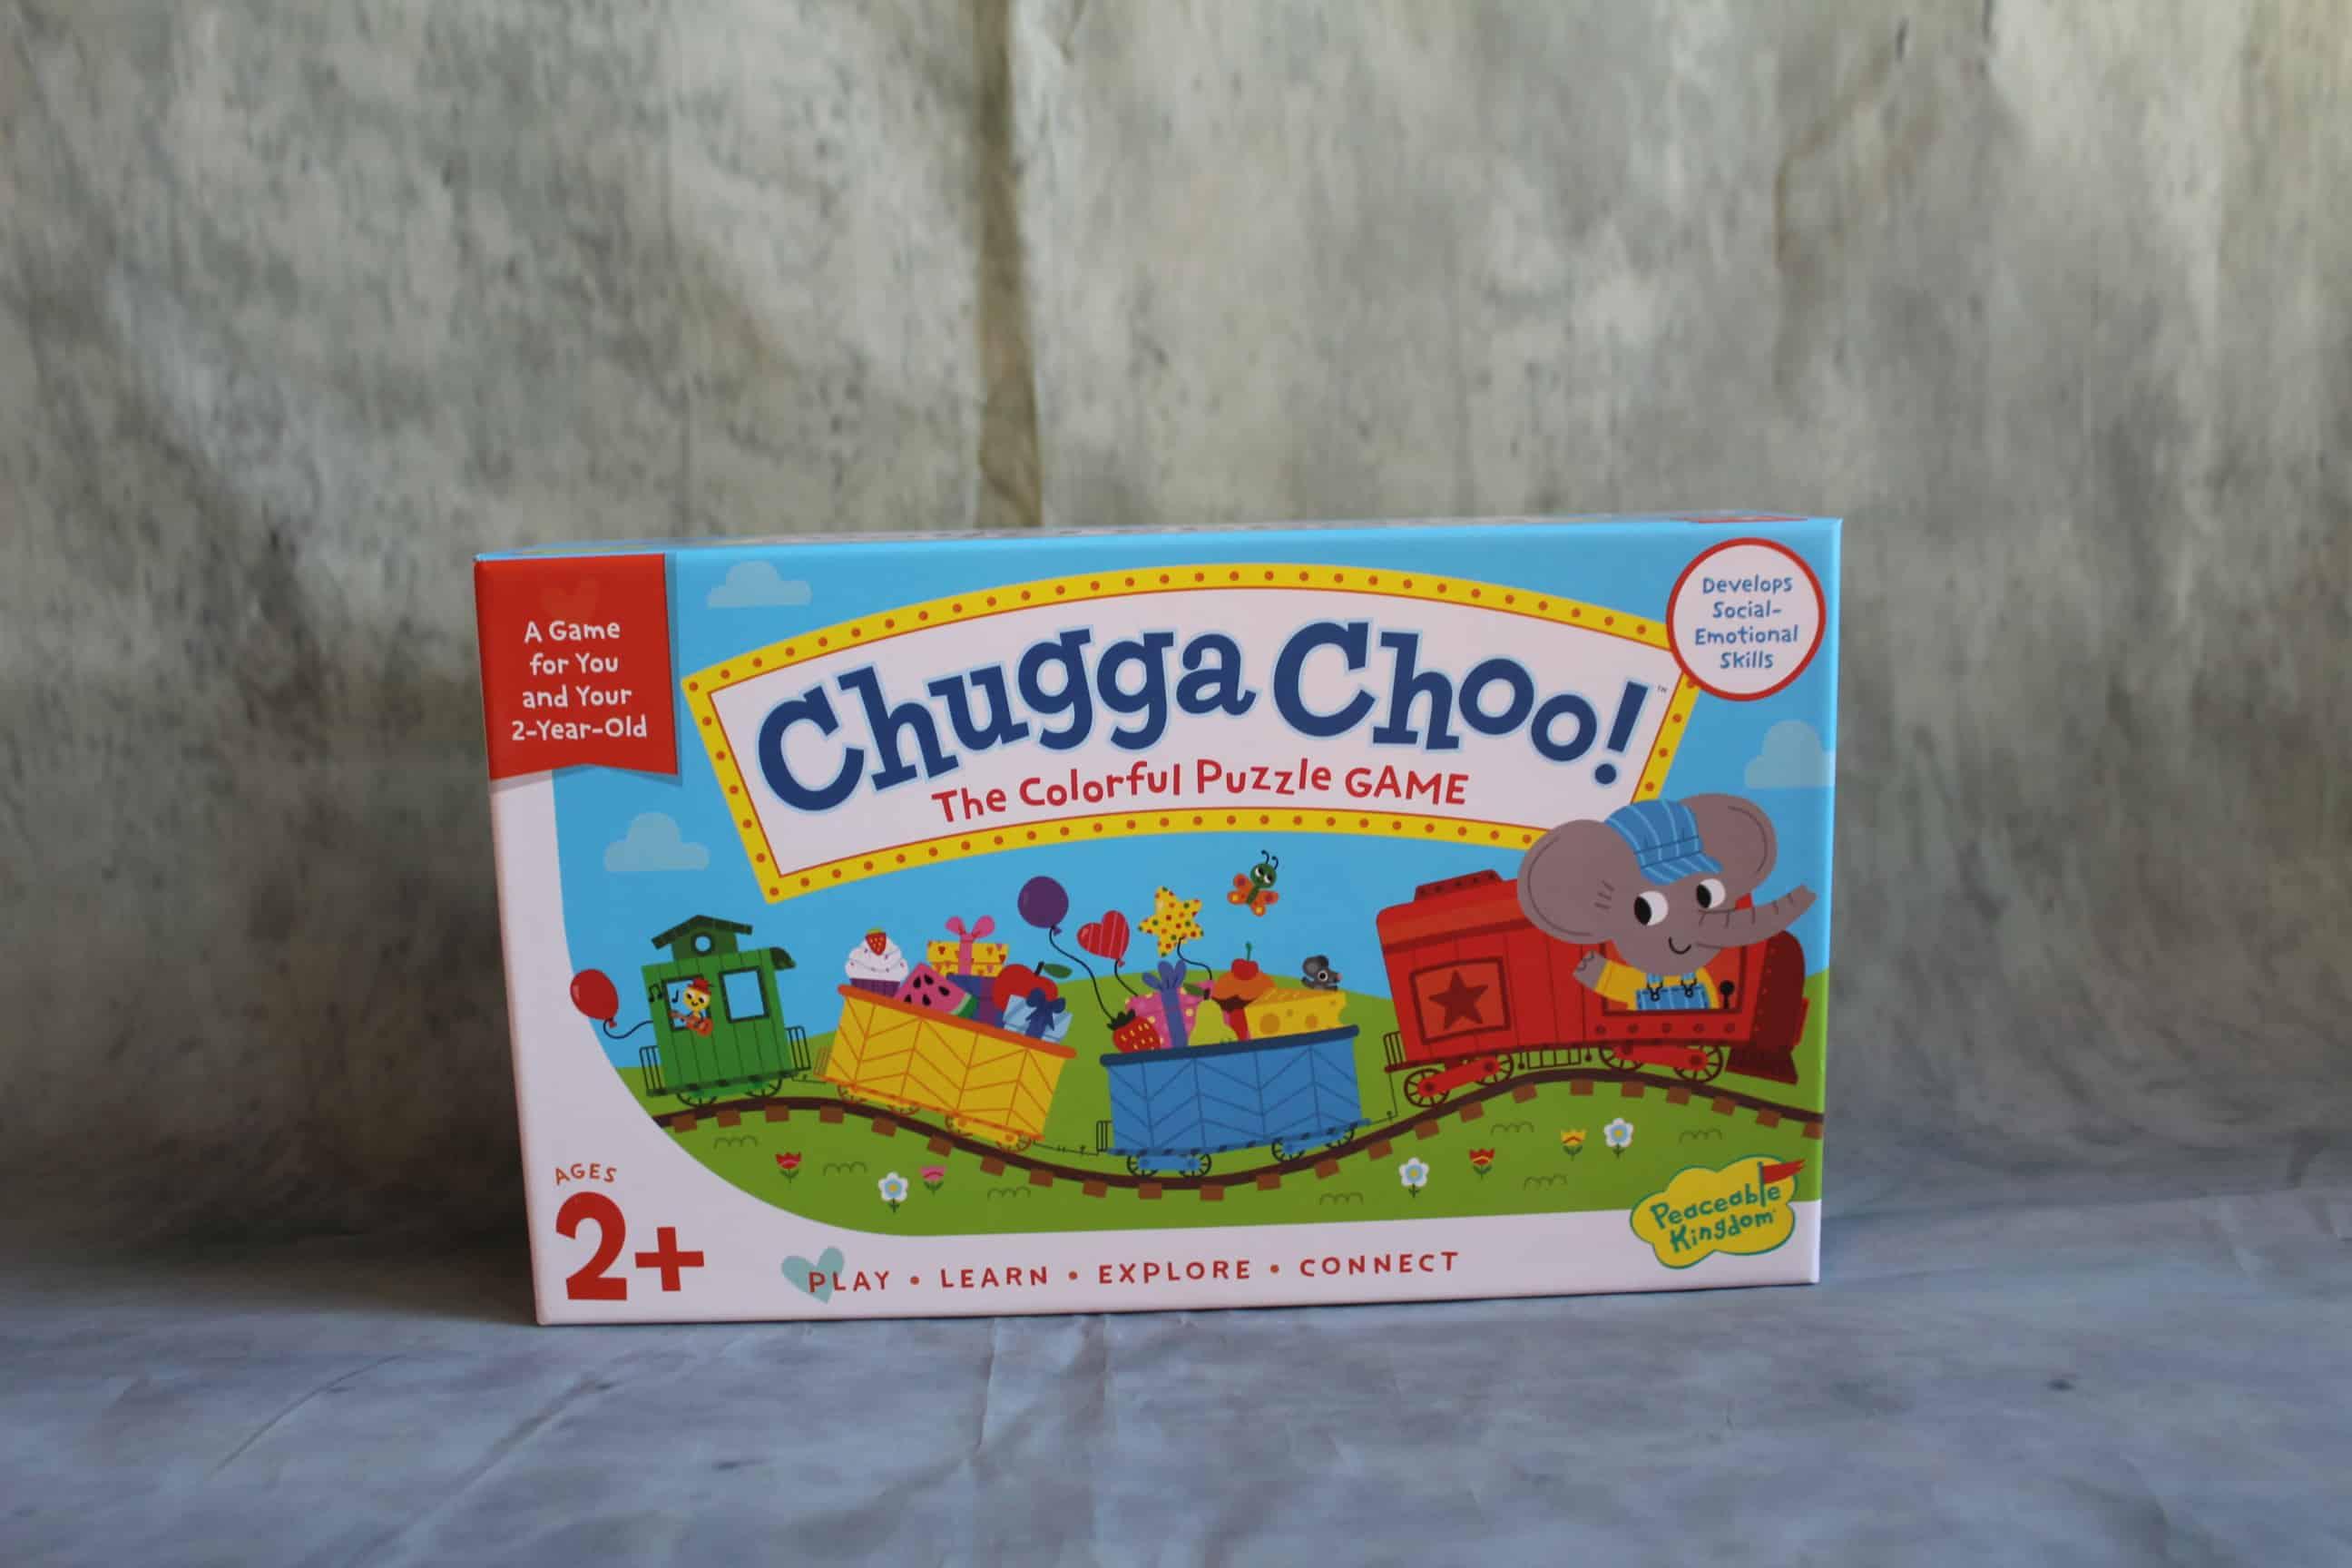 Chugg Choo